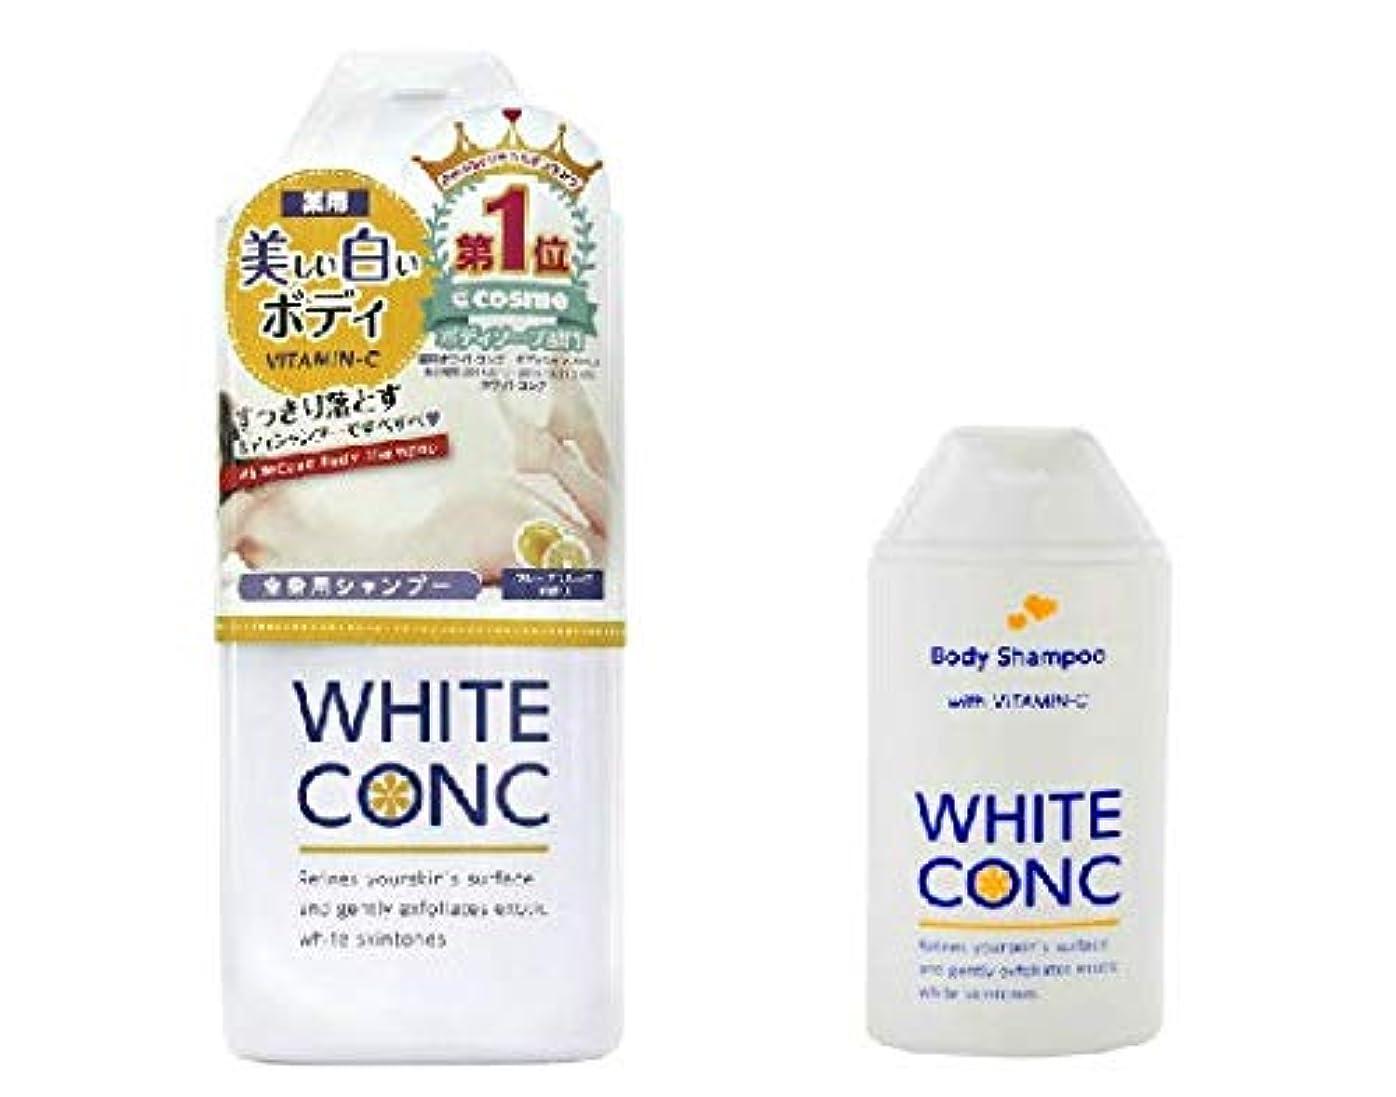 容疑者もっと少なくから聞く【WHITE CONC(ホワイトコンク)】 ボディシャンプーC Ⅱ_360mL1本&150mL1本